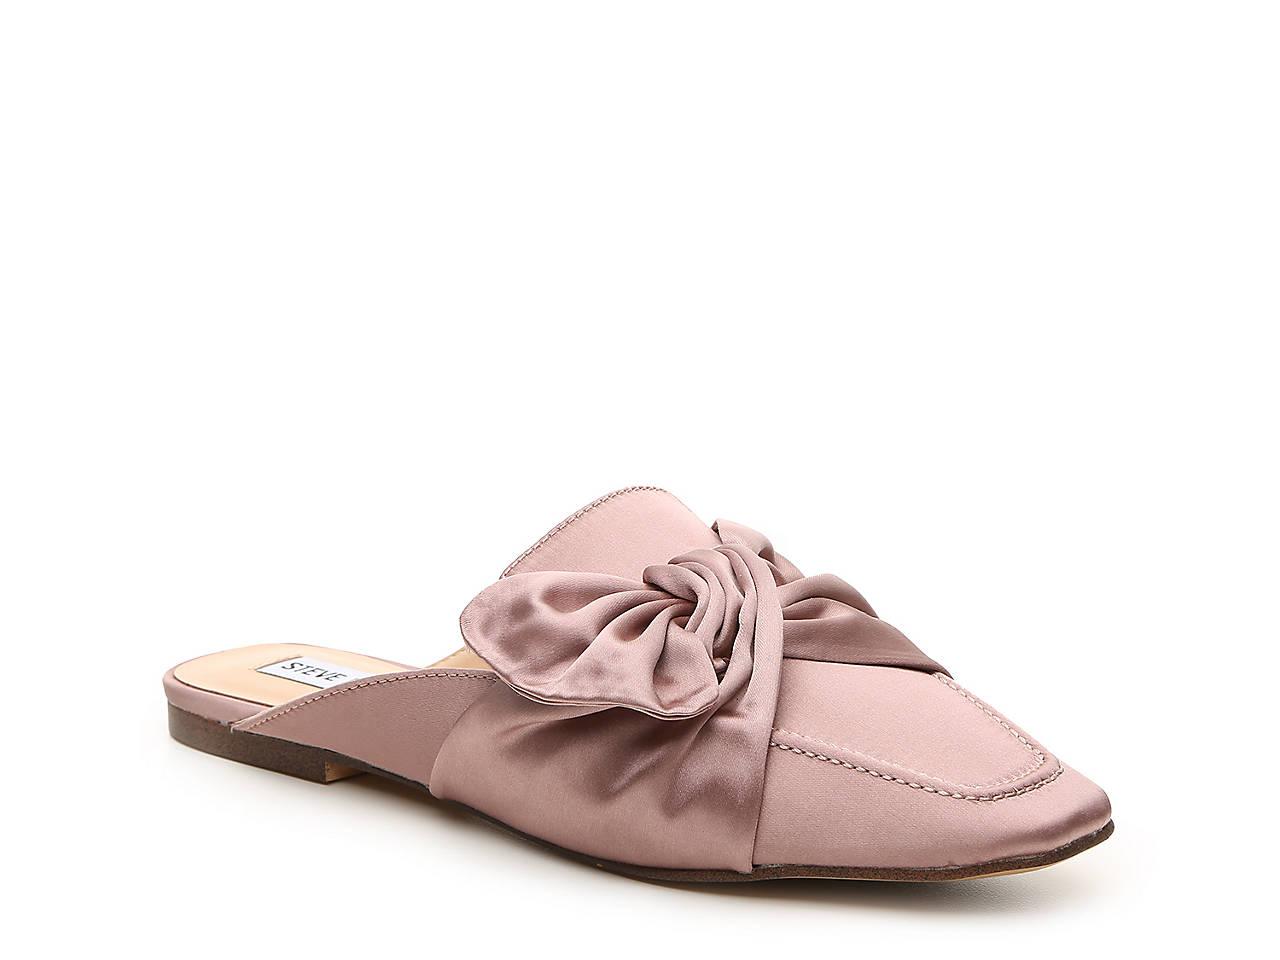 58eed4877f4c Steve Madden Isla Mule Women s Shoes